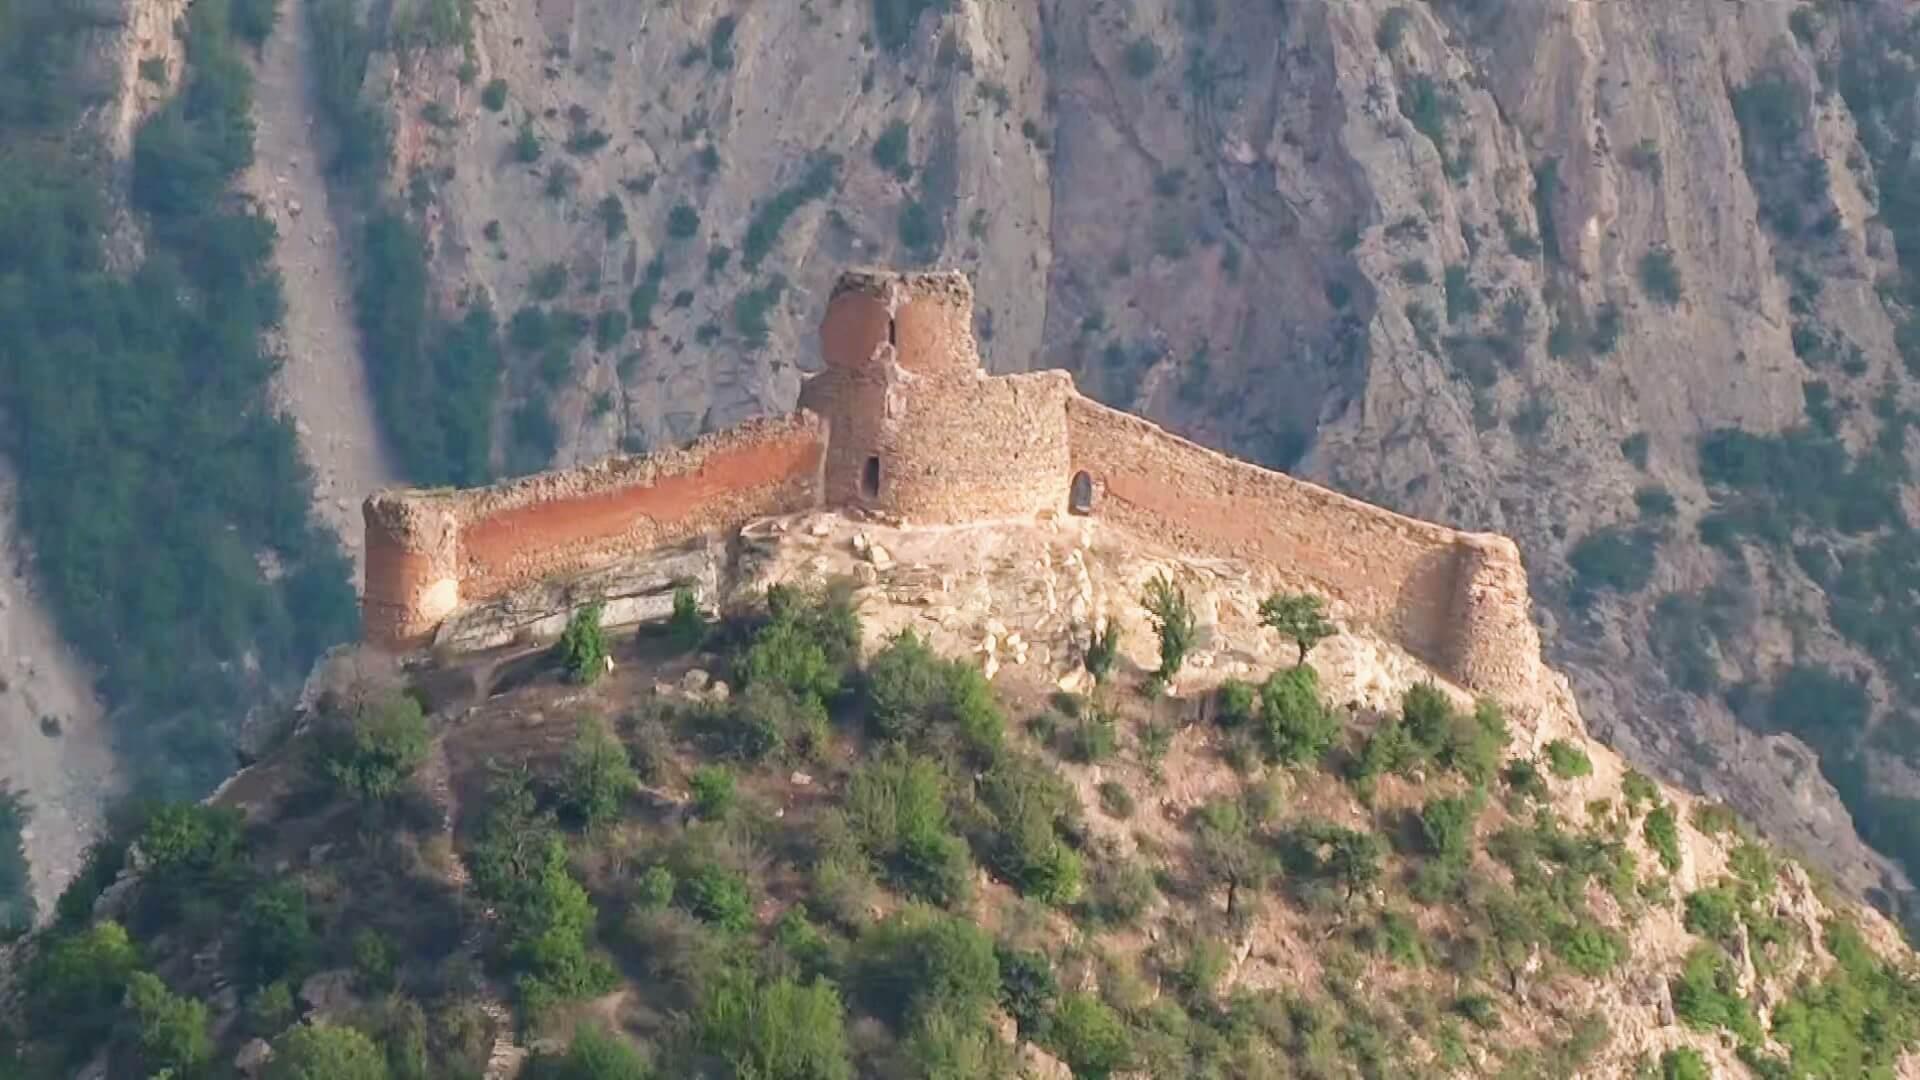 قلعه کنگلو در ارتفاعات جنگلی سوادکوه